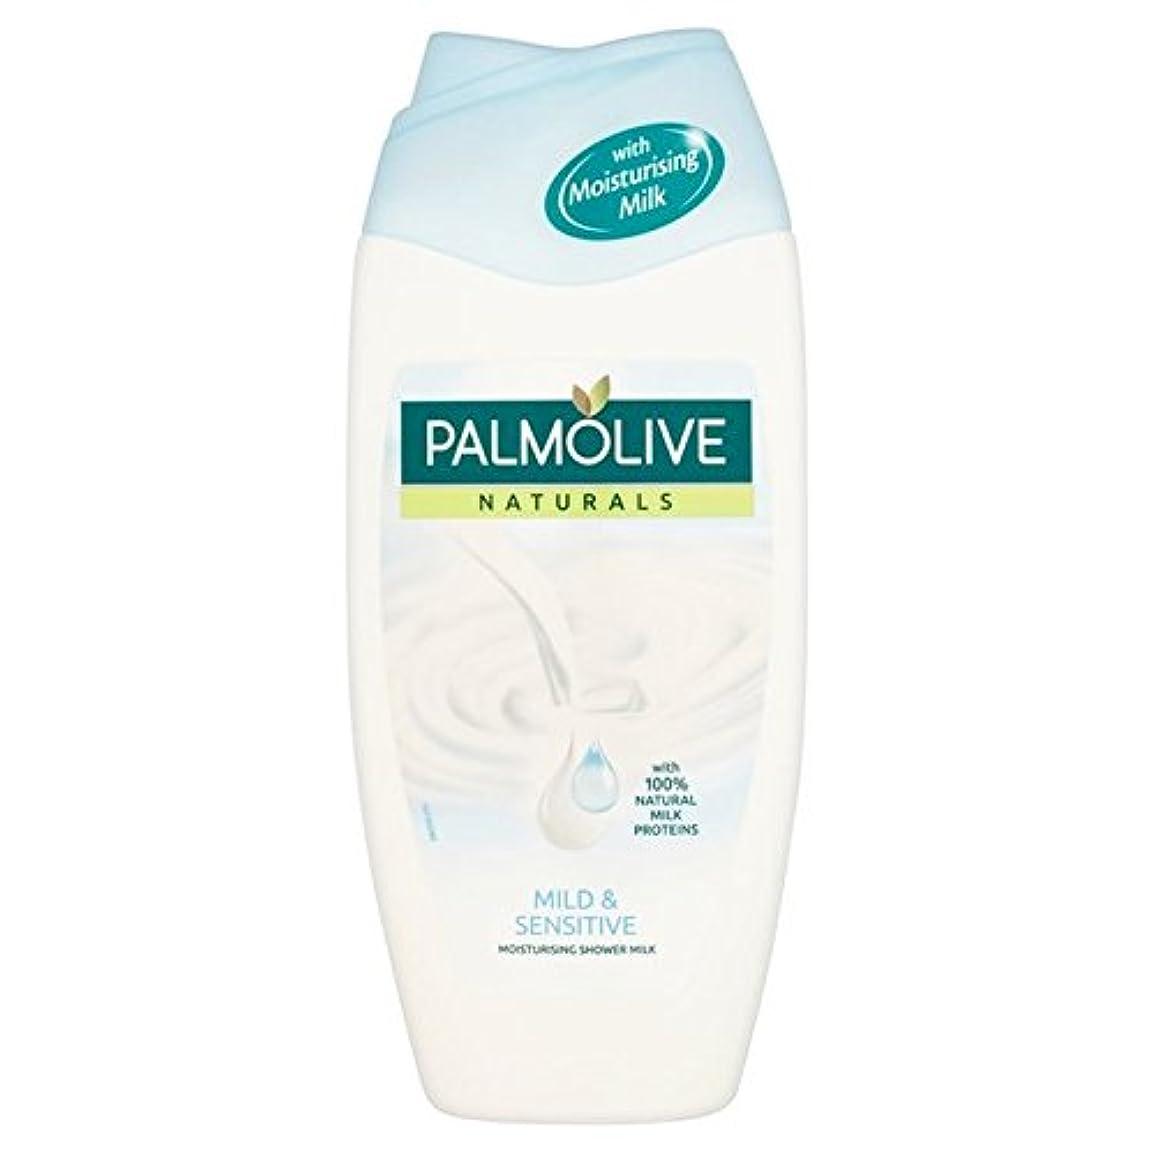 知覚できる禁止アンペアPalmolive Naturals Shower Milk Mild & Sensitive 250ml - パルモナチュラルシャワーミルクマイルド&敏感250ミリリットル [並行輸入品]